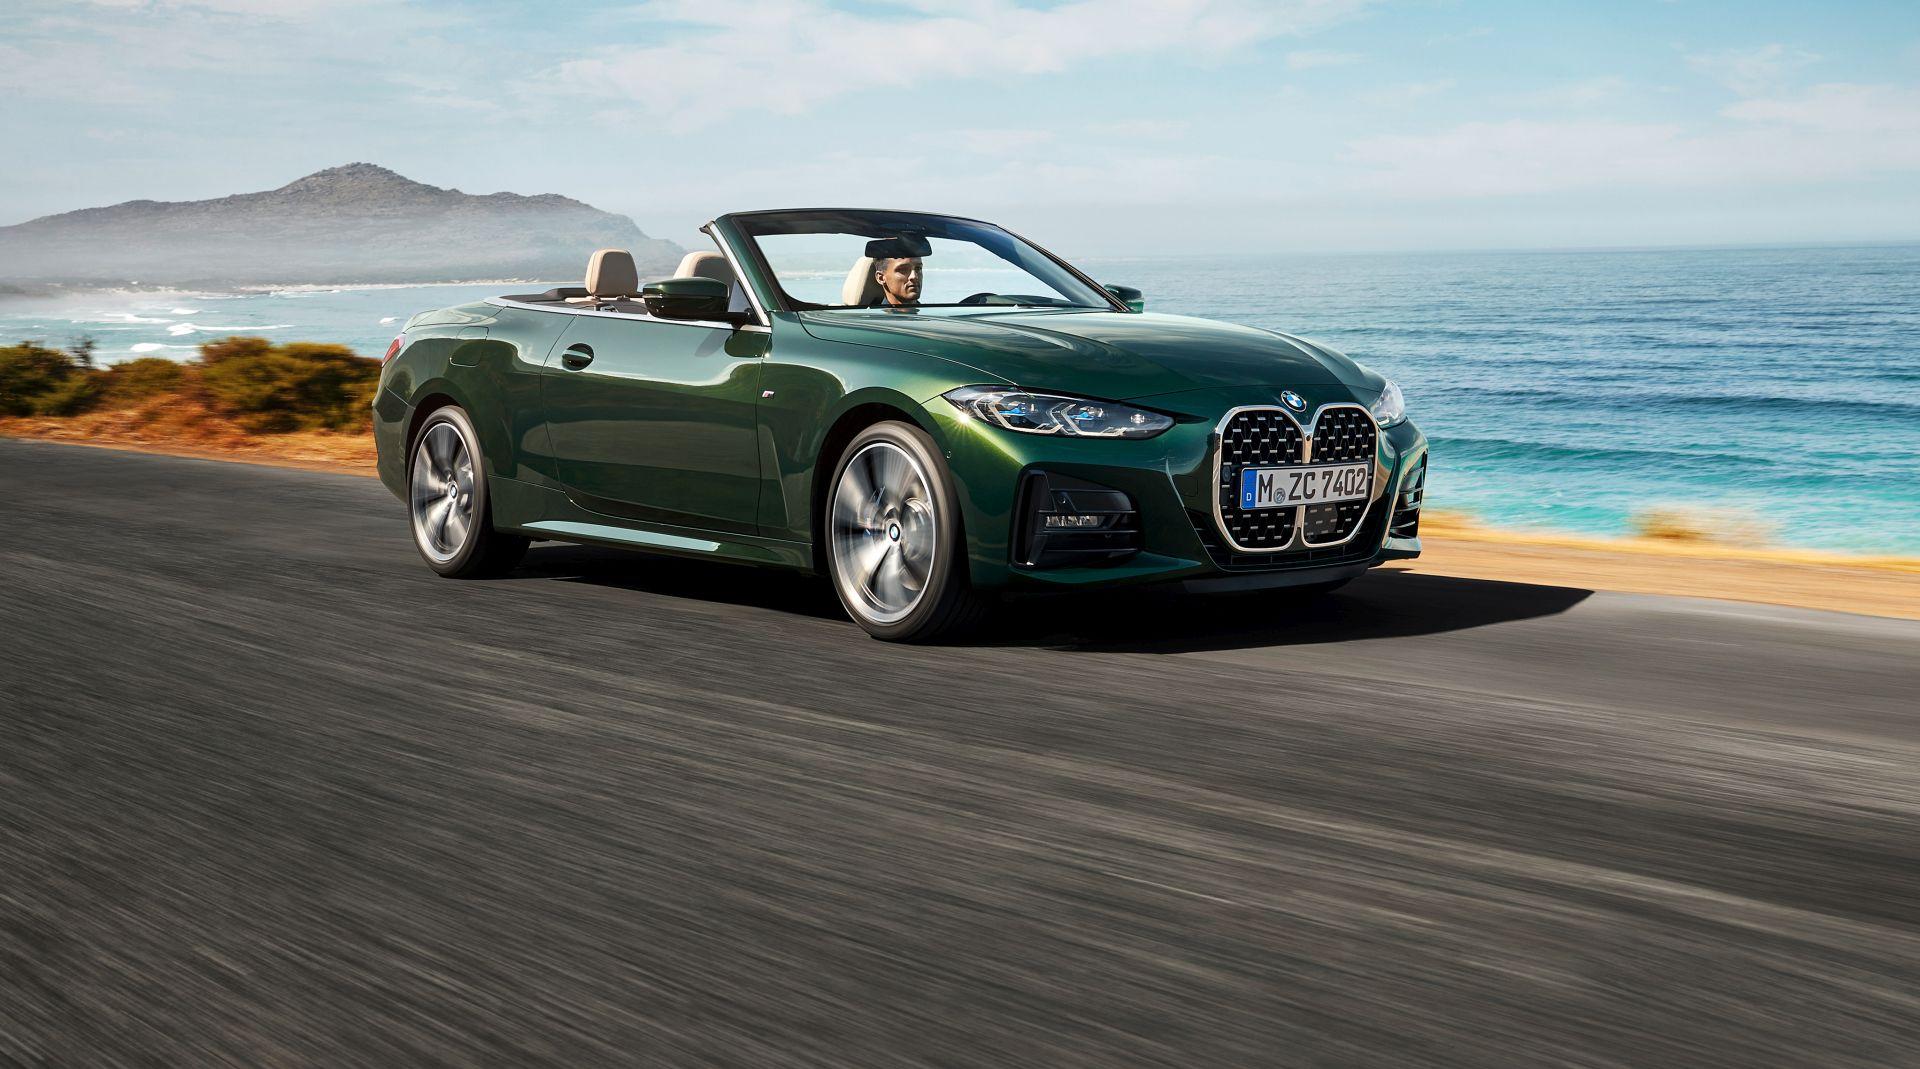 BMW serije 4 Cabrio vraća meki krov u modu